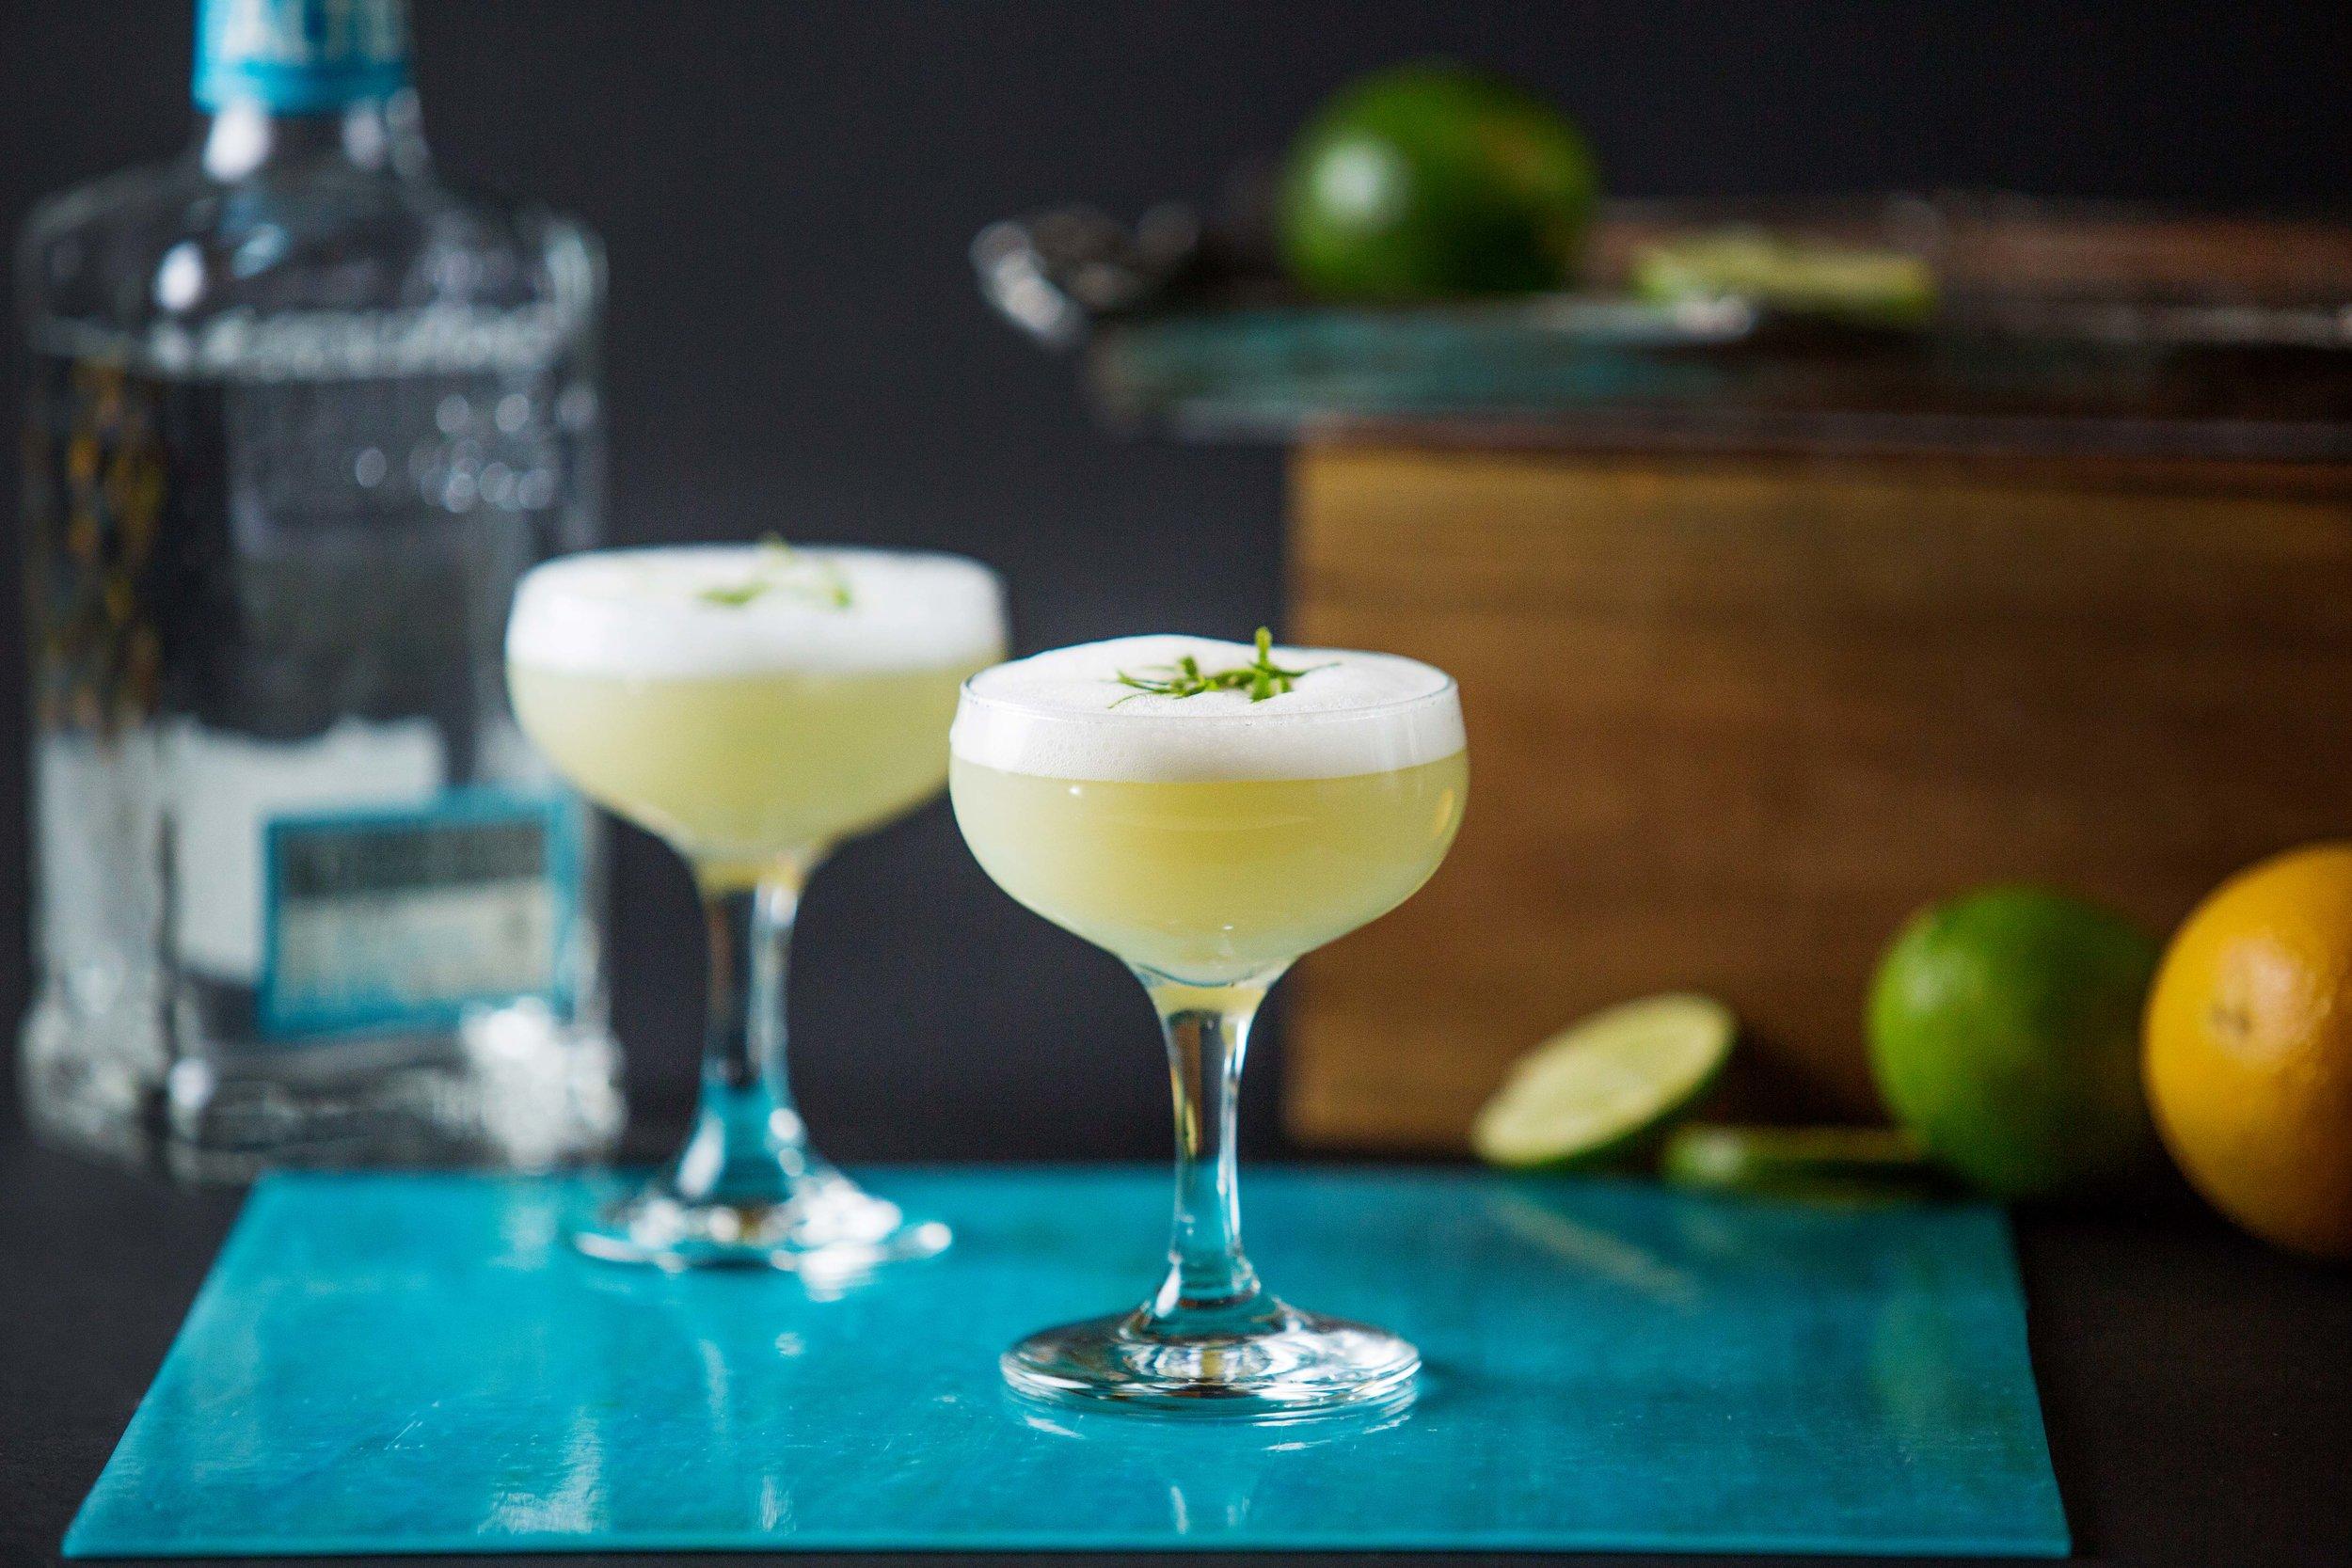 UL_CocktailKitchen_TequilaAL-8051.jpg